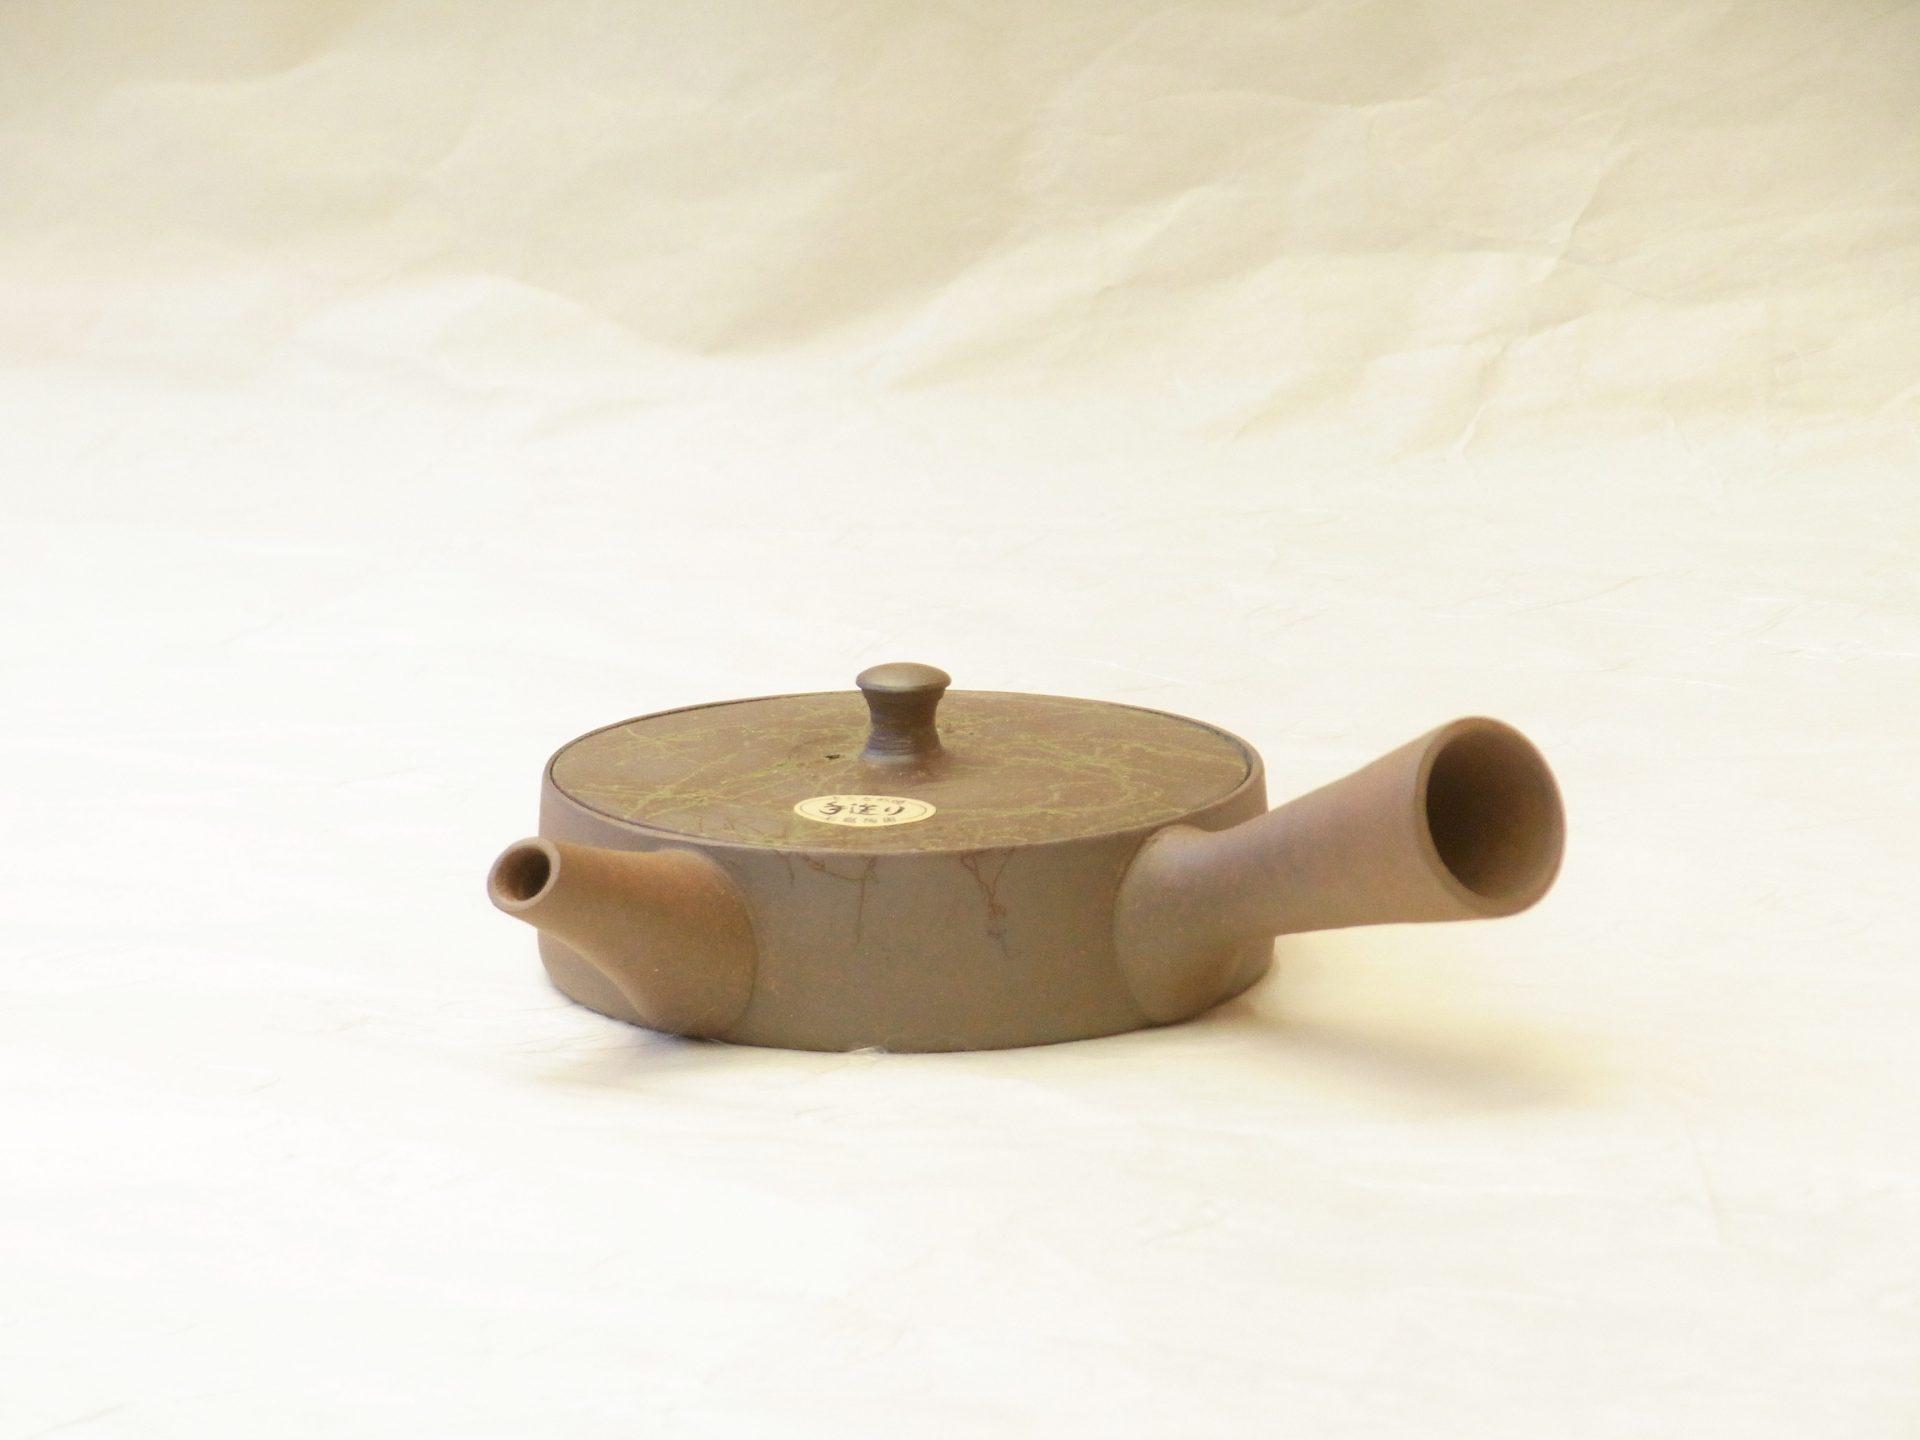 常滑焼 手づくり 究極 平型 急須 焼き締め 藻掛け 一人用 140cc お茶の味を最大限引き出す 低く 平たく作られた 究極の形 径が大きい 茶葉が最大限 早く開く 広がりもよい より美味しい お茶を抽出できる 水出し冷茶 お茶の苦み成分を抑え 甘みや旨みが多い煎茶 一人の見切りサイズ 一煎一煎 美味しいお茶 陶器製の精巧な茶こし網 急須全体 全て手づくり 熟練の職人技 急須の内側 洗いやすい 乾燥させやすい 常に清潔 衛生的 釉薬を掛けず焼成 焼き締め 常滑産の藻 巻き付けて焼く 跡が模様 常滑産の焼物ならでは 蓋が落ちにくいよう ガタつきなく きっちり作られ 注ぎ口は液だれしにくい 蓋が平たい 親指で押さえながら 片手で注ぐことが出来る 機能的 細部までよく考えられている 逸品 日本製 陶器 磁器 陶磁器 漆器 茶道具 華道具 贈り物 ギフト 記念品 引出物 法要 お返し 専門店 リアル店舗 茶の湯 茶道 裏千家 表千家 茶会 月釜 抹茶 高品質 安らぎ いやし よりおいしく 安心 機能的 長持ち 人気 おすすめ 高機能 ネット通販 ネットショップ セレクトショップ 欲しい 購入 買う 買い物 岐阜県 岐阜市 美殿町 小林漆陶 特別な 選び抜かれた 品質重視 使いやすい 格安 老舗 誕生日 結婚 出産 入学 退職 母の日 父の日 敬老の日 クリスマス プレゼント 叙勲 長寿 新築 お祝い 御礼 内祝い 外国土産 海外みやげ 実店舗 創業100年以上 使うと分かる 職人技 日本一の品揃え 日本一の在庫数 専門店 専門知識 数万点の在庫 百貨店(高島屋 三越 伊勢丹 松坂屋 大丸)にない 手作り お洒落 高級品 希少価値 上質な器 伝統工芸品 コスパ お値打ち お買い得 堅牢 飽きない 永く使える お気に入り 国産 料理が映える 満足感 豊かな食生活 豊かな食文化 こだわりの器 日本文化 他にない ここにしかない オリジナル 独自の 個性的 ここでしか買えない 超レアもの 一品もの 現品限り 入手困難 いい器 匠の技 美しい 実用的 外人が喜ぶ店 外人が珍しがる店 外人がうれしい店 日本各地の一級品を売る店 日本全国の器を売る店 本当にいいもの コスパ高い 一流品 修理 選りすぐりの逸品 周年記念 永年勤続表彰 退職記念 卒業記念 日本土産 岐阜土産 岐阜のおみやげ 岐阜の特産品 料理を引き立てる器 高級店 一流店 岐阜で一番 東海で一番 中部で一番 日本で一番 おしゃれな店 地域一番店 実店舗 陶磁器 磁器 華道具 ガラス器 明治42年創業